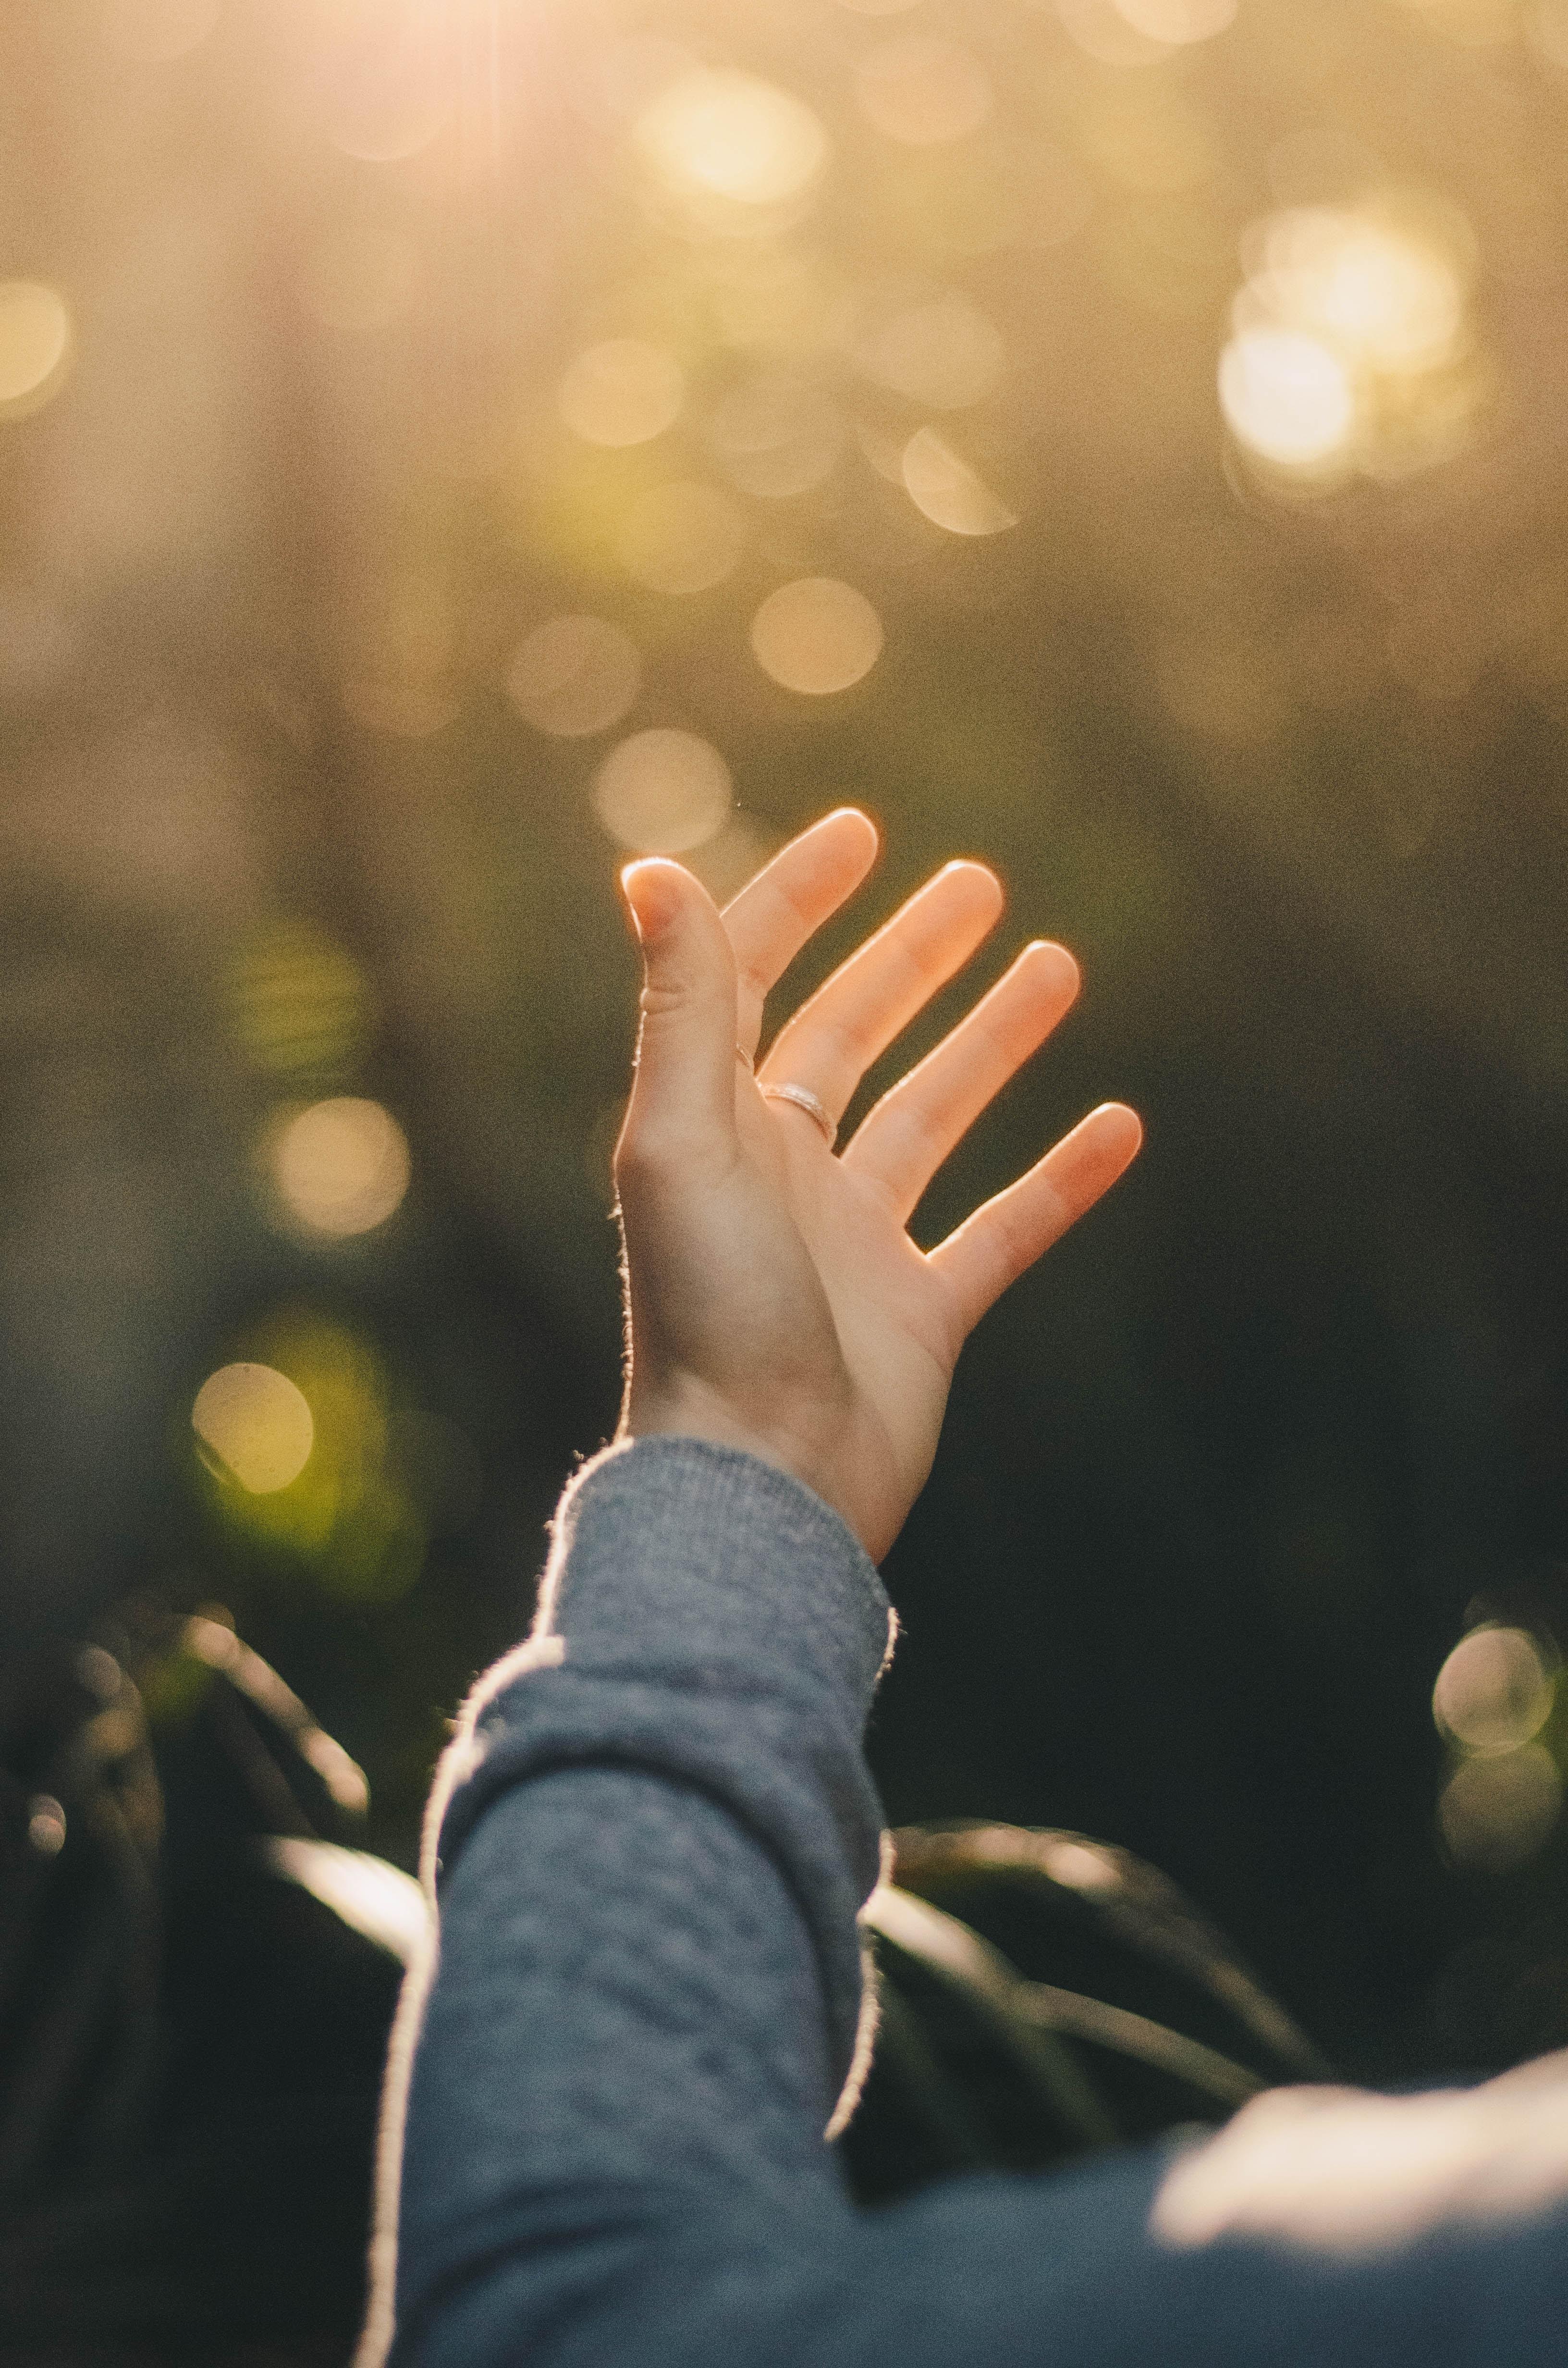 hand reikt uit voor contact